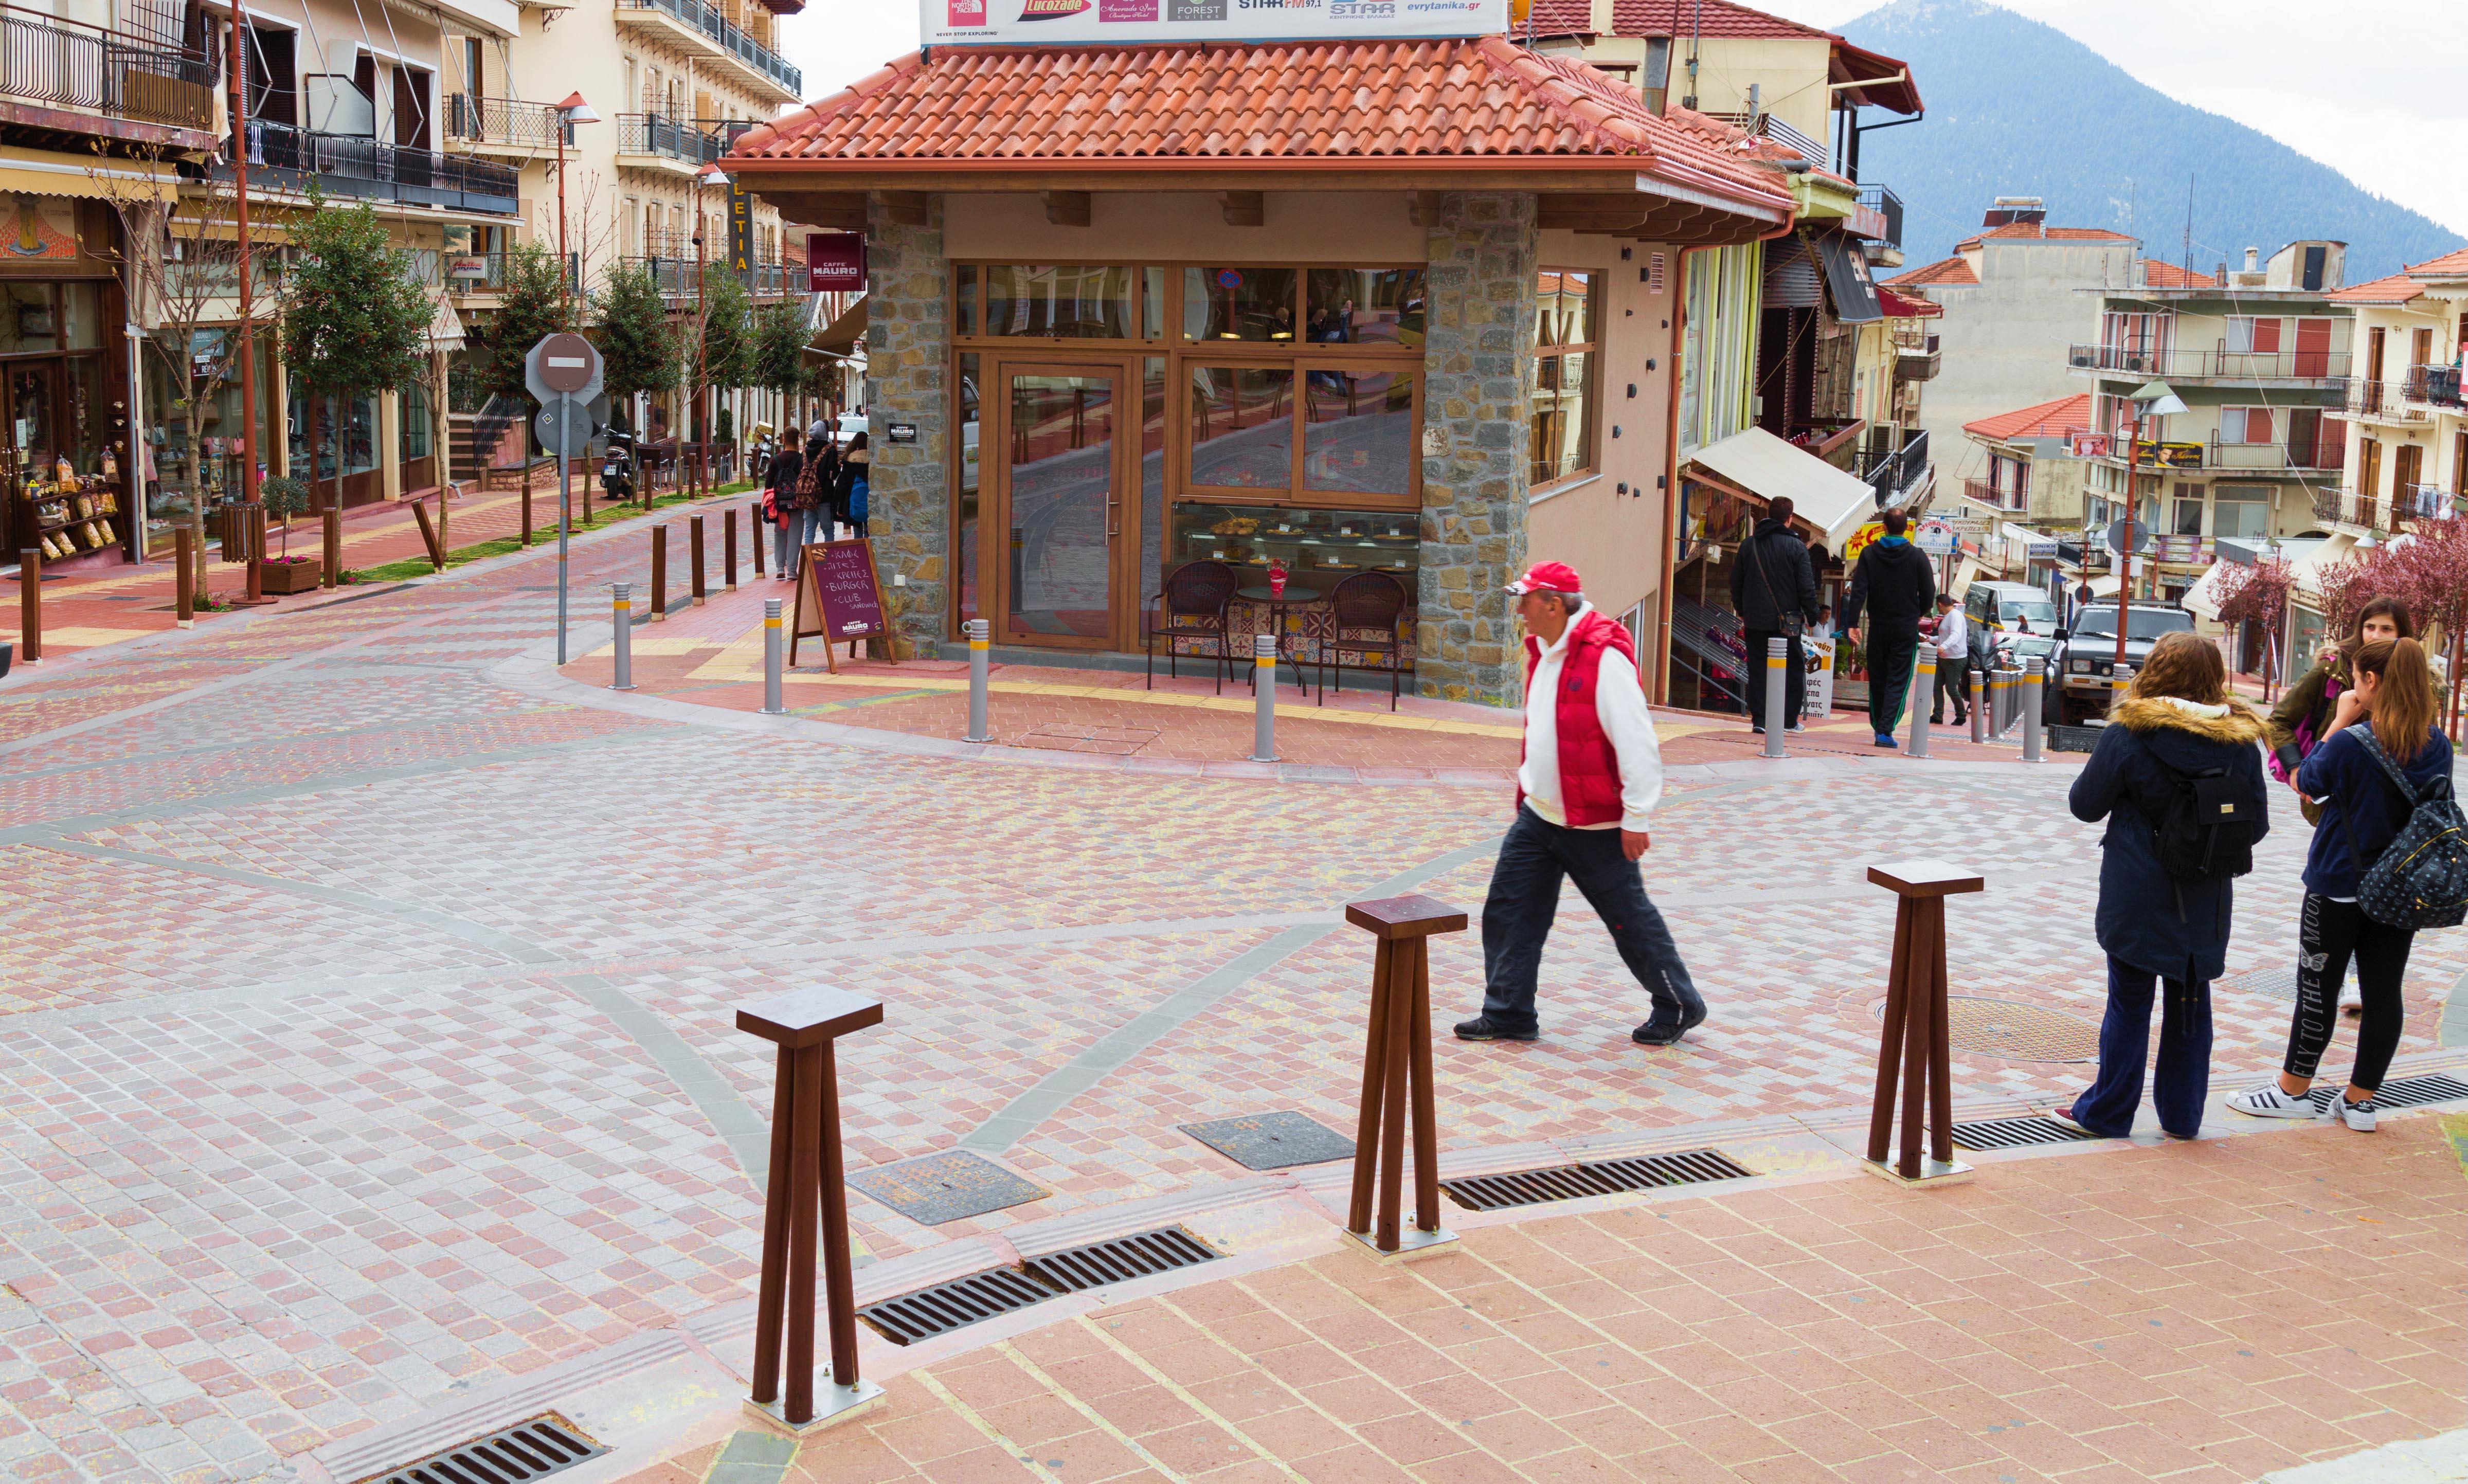 Παγκόσμια διάκριση για το Καρπενήσι!!!Διεθνές Βραβείο Αρχιτεκτονικής για την πόλη!(photo)